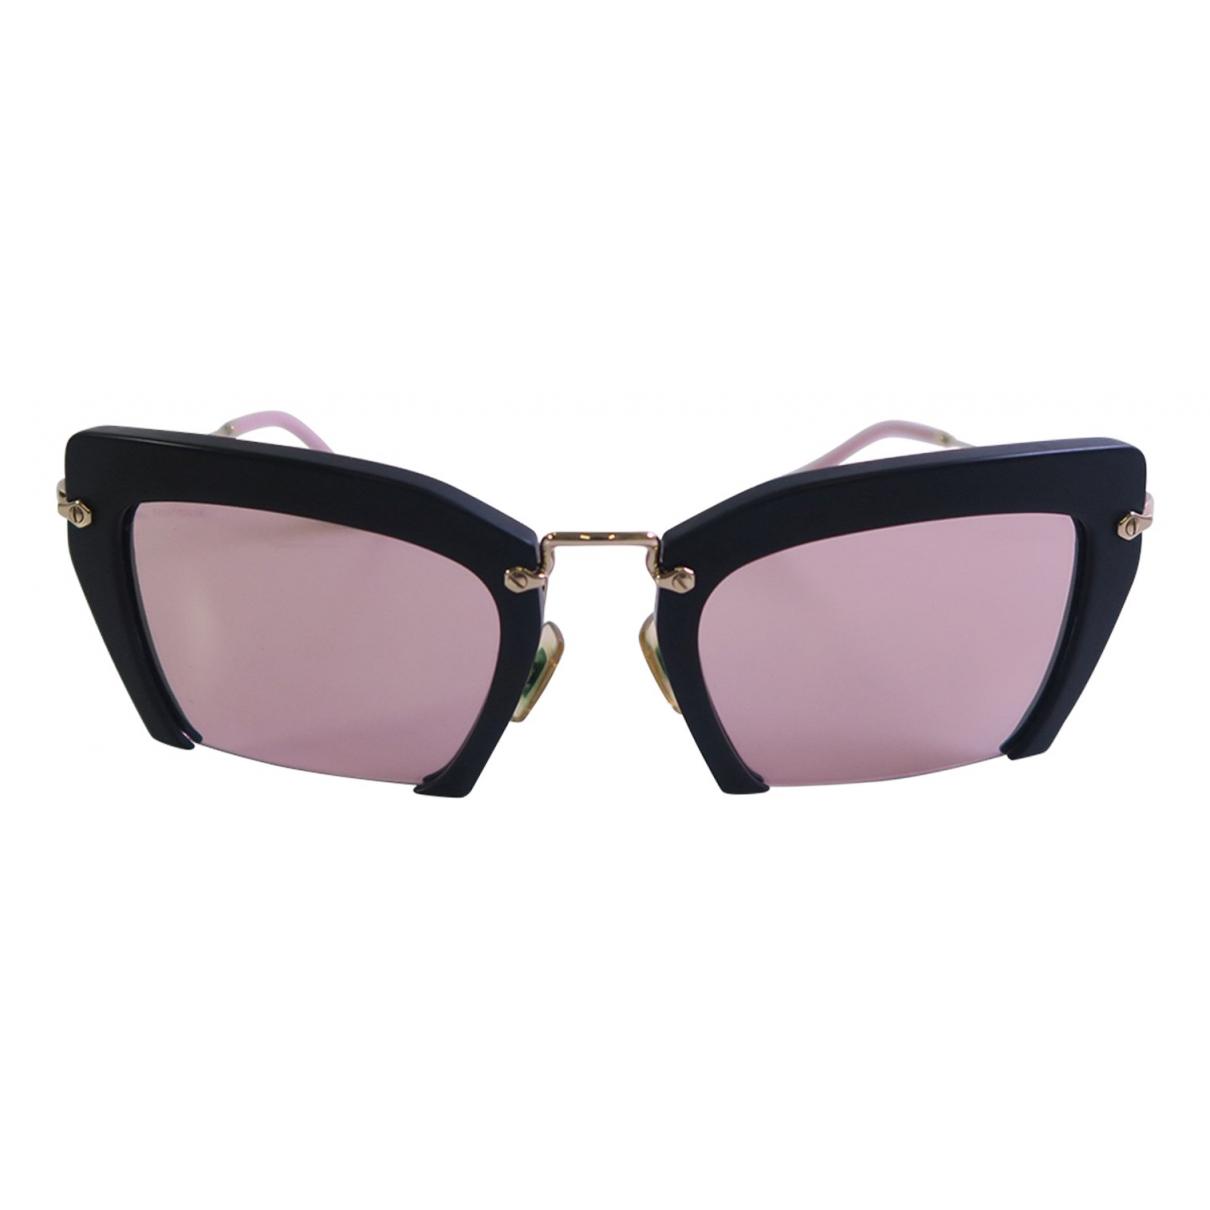 Miu Miu N Black Metal Sunglasses for Women N